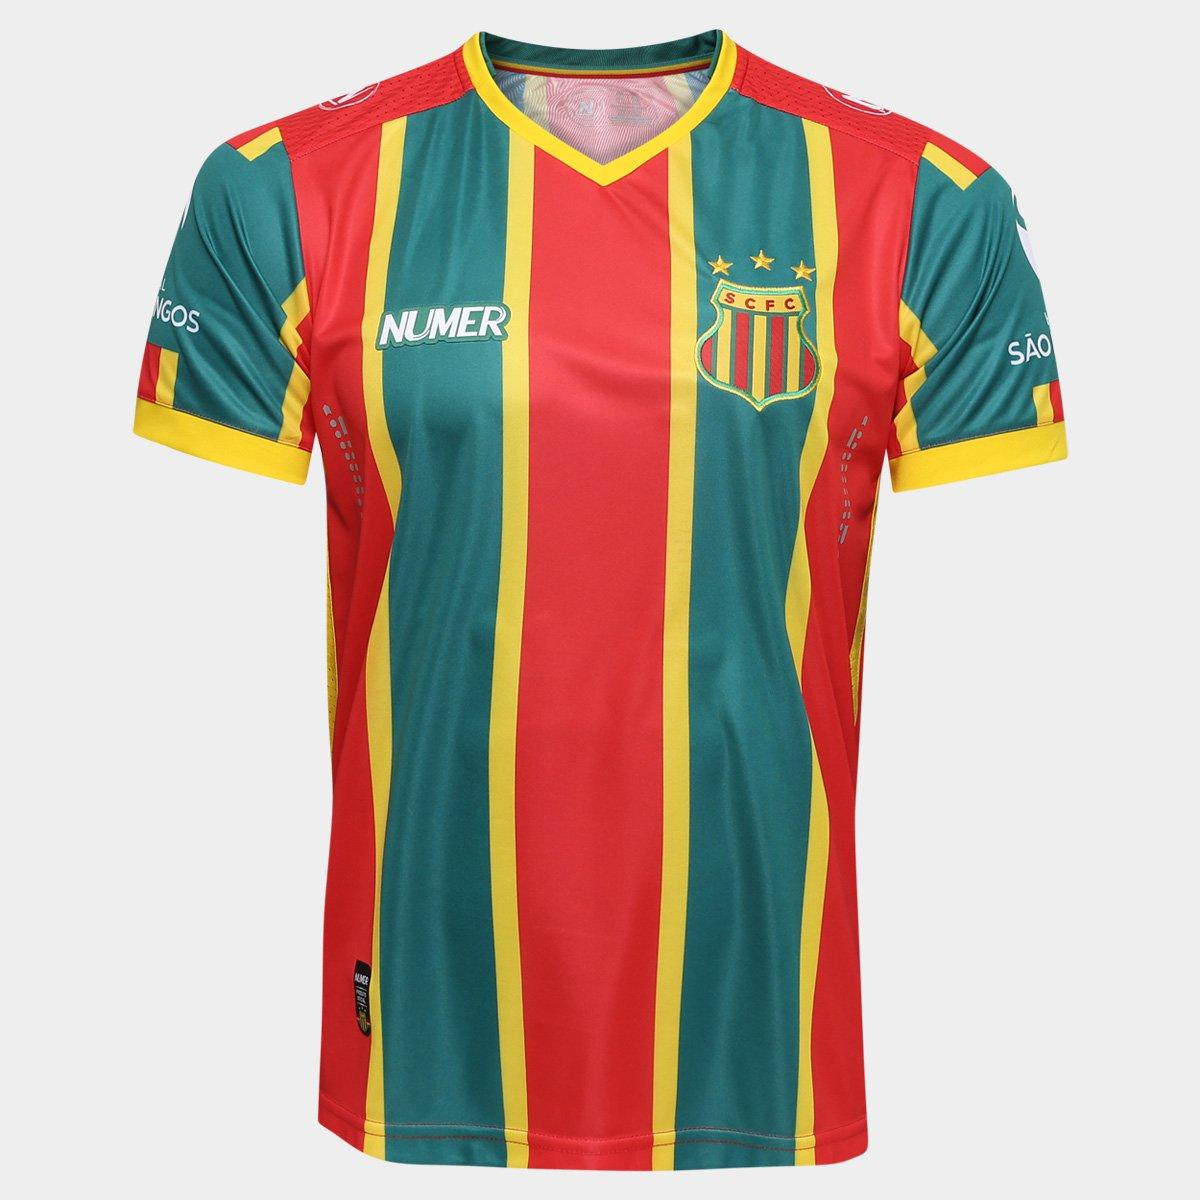 96e227e1ad Camisa Sampaio Corrêa I 2016 s nº - Torcedor Numer Masculina - Compre Agora